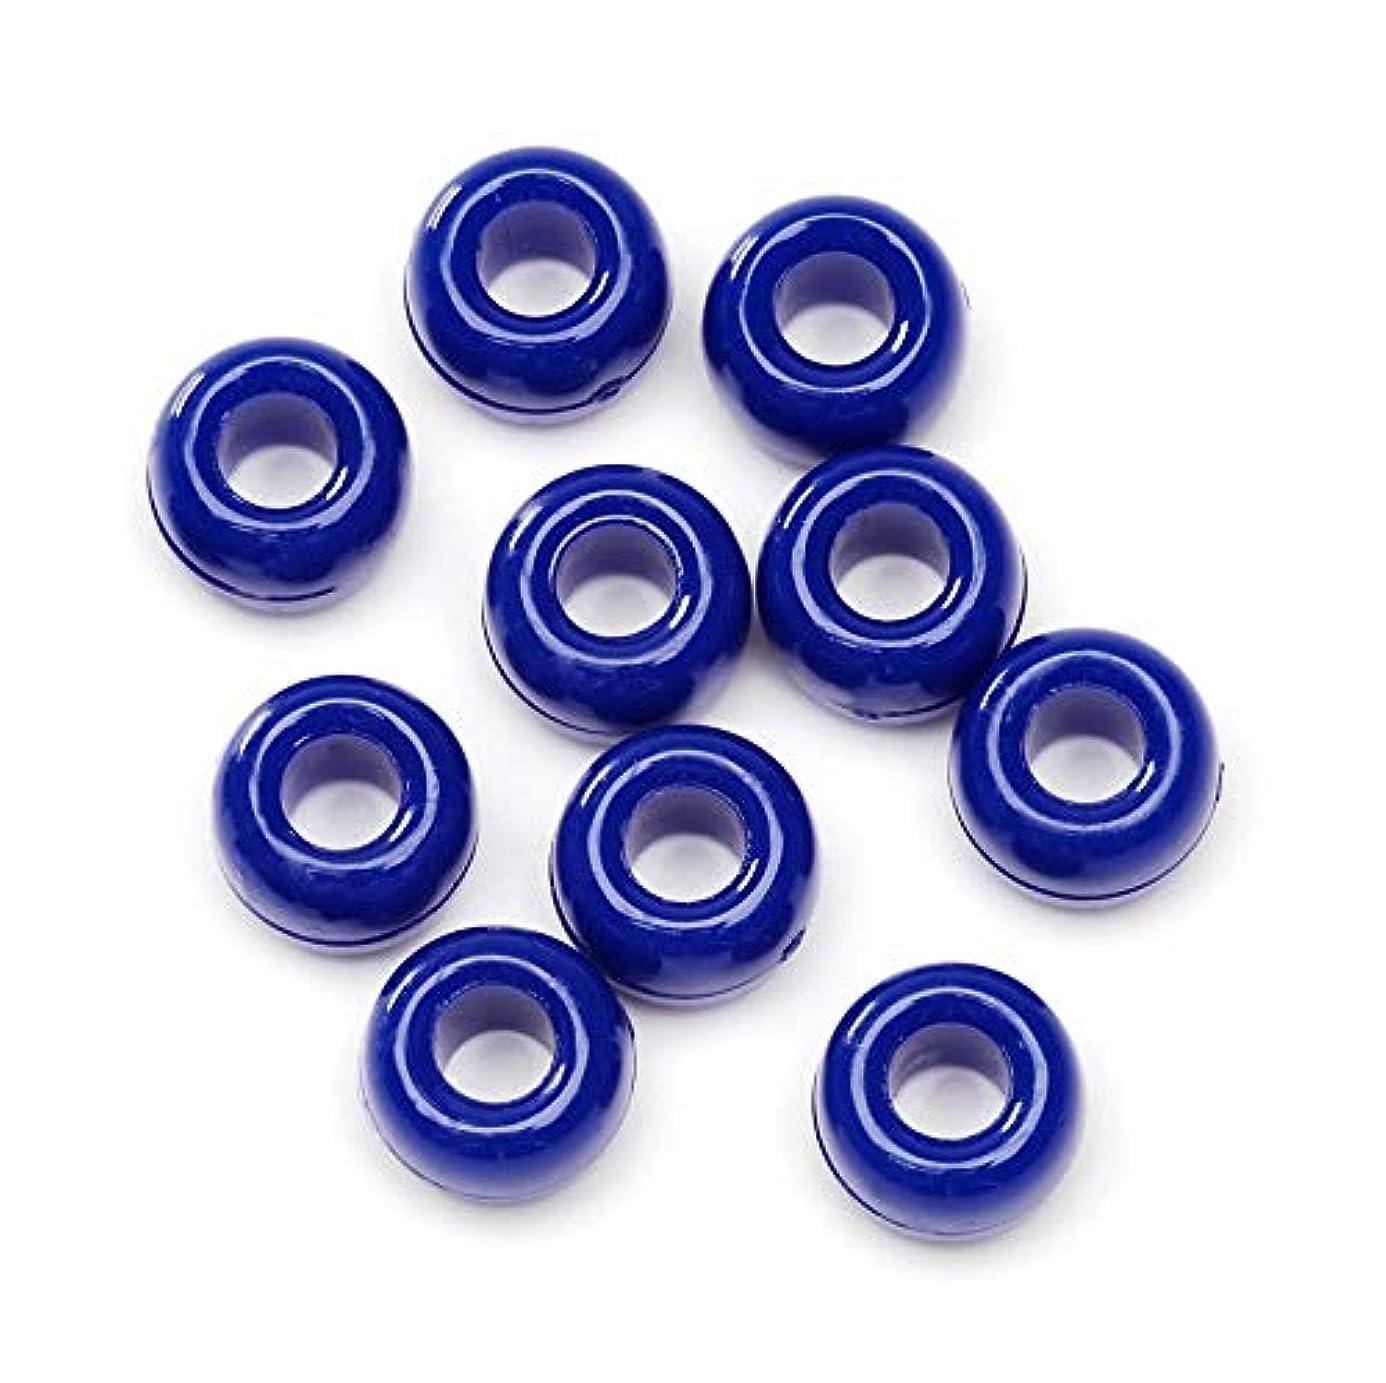 Pony Beads 06121-5-03 480 Piece 9mm Opaque, Dark Blue mzz9609549